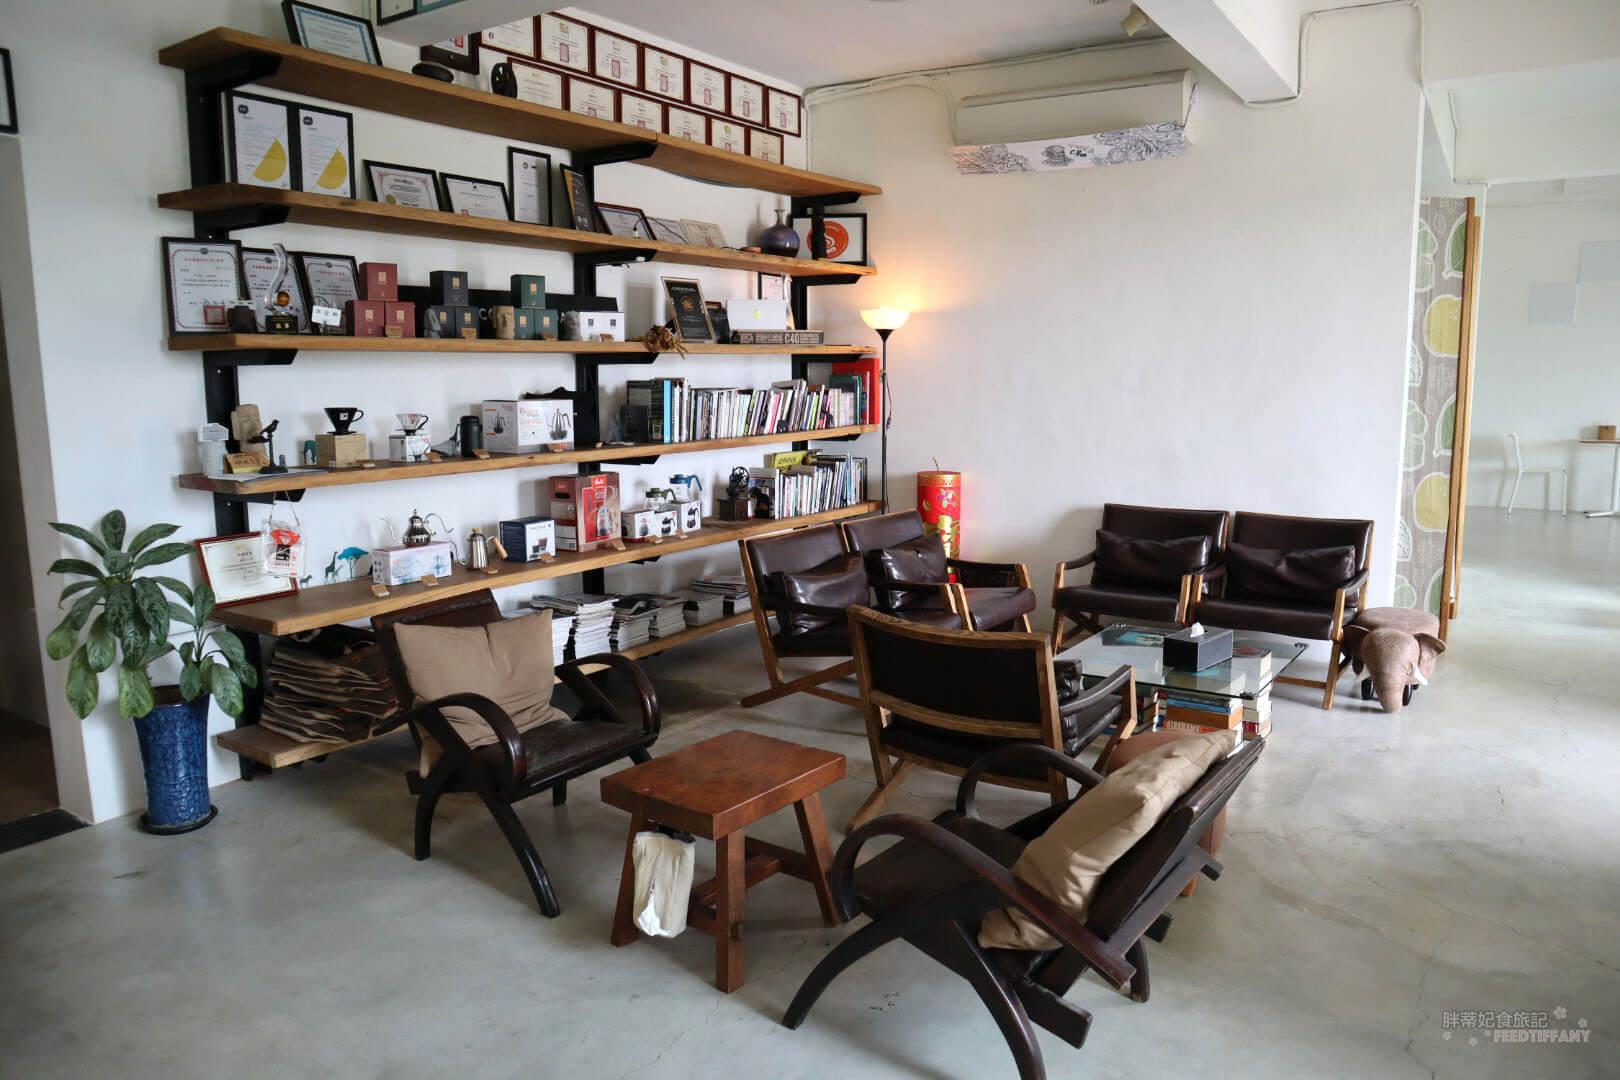 Twi A錘子咖啡烘焙坊 的內部環境,架上都是滿滿的獎牌與相關咖啡書籍以及用具。